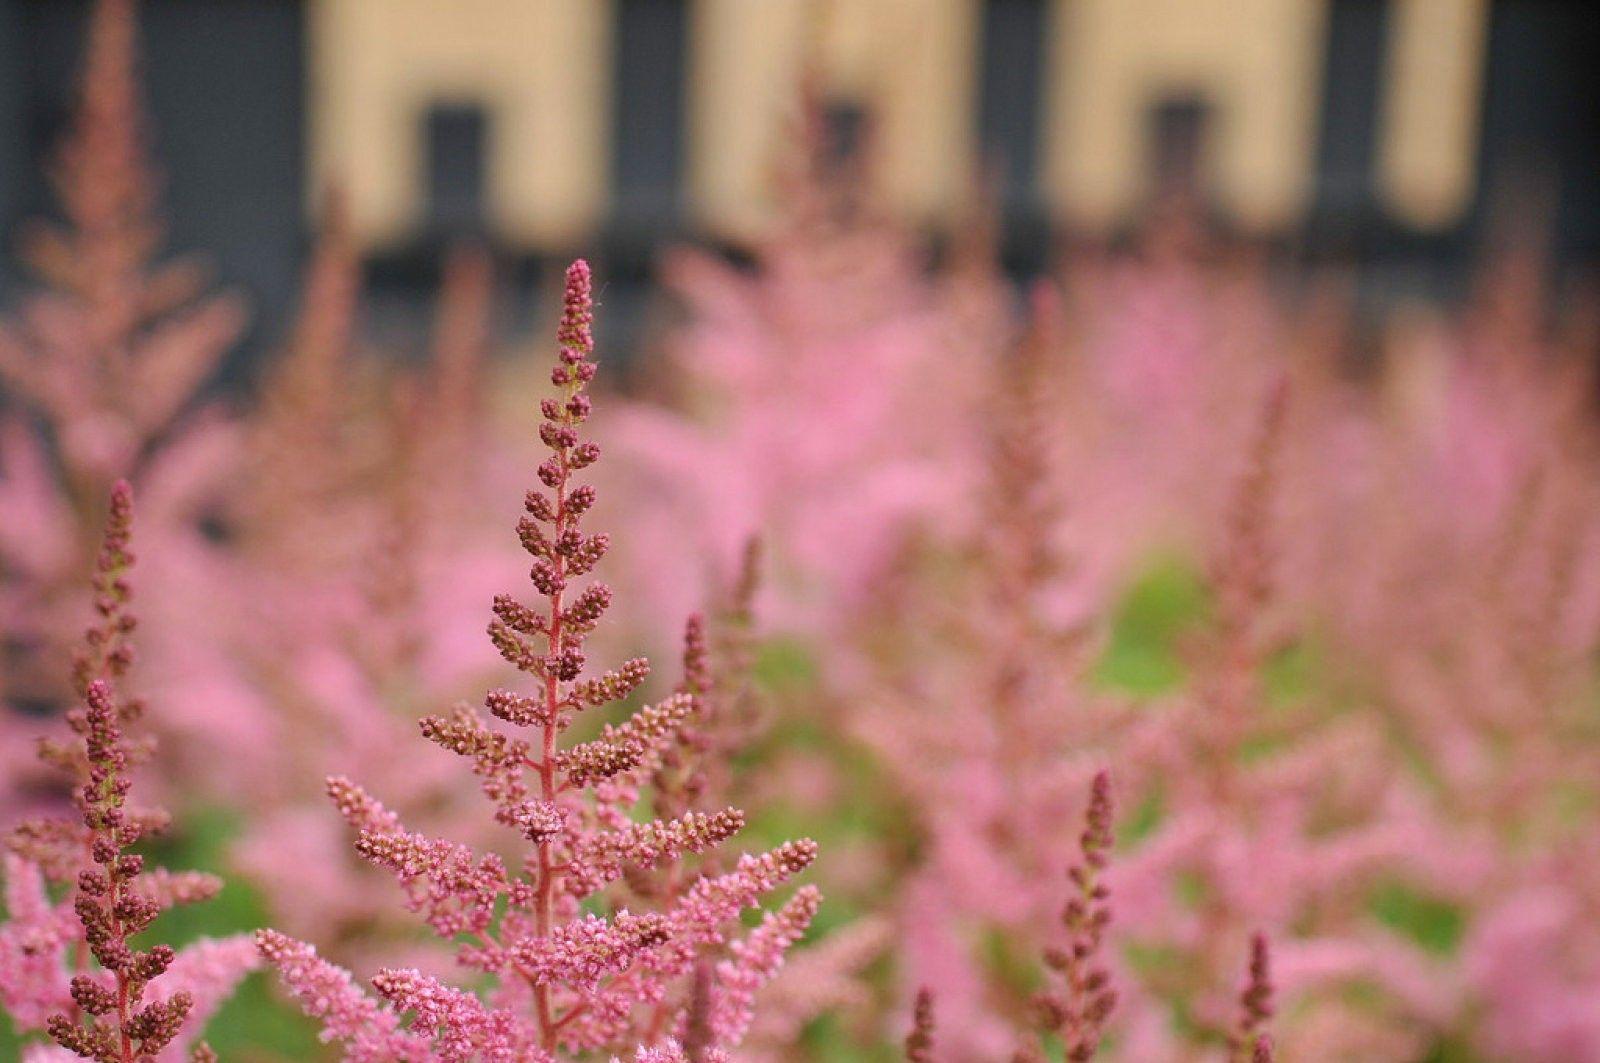 Enamorado de esta preciosa planta, ¿quieres conocerla